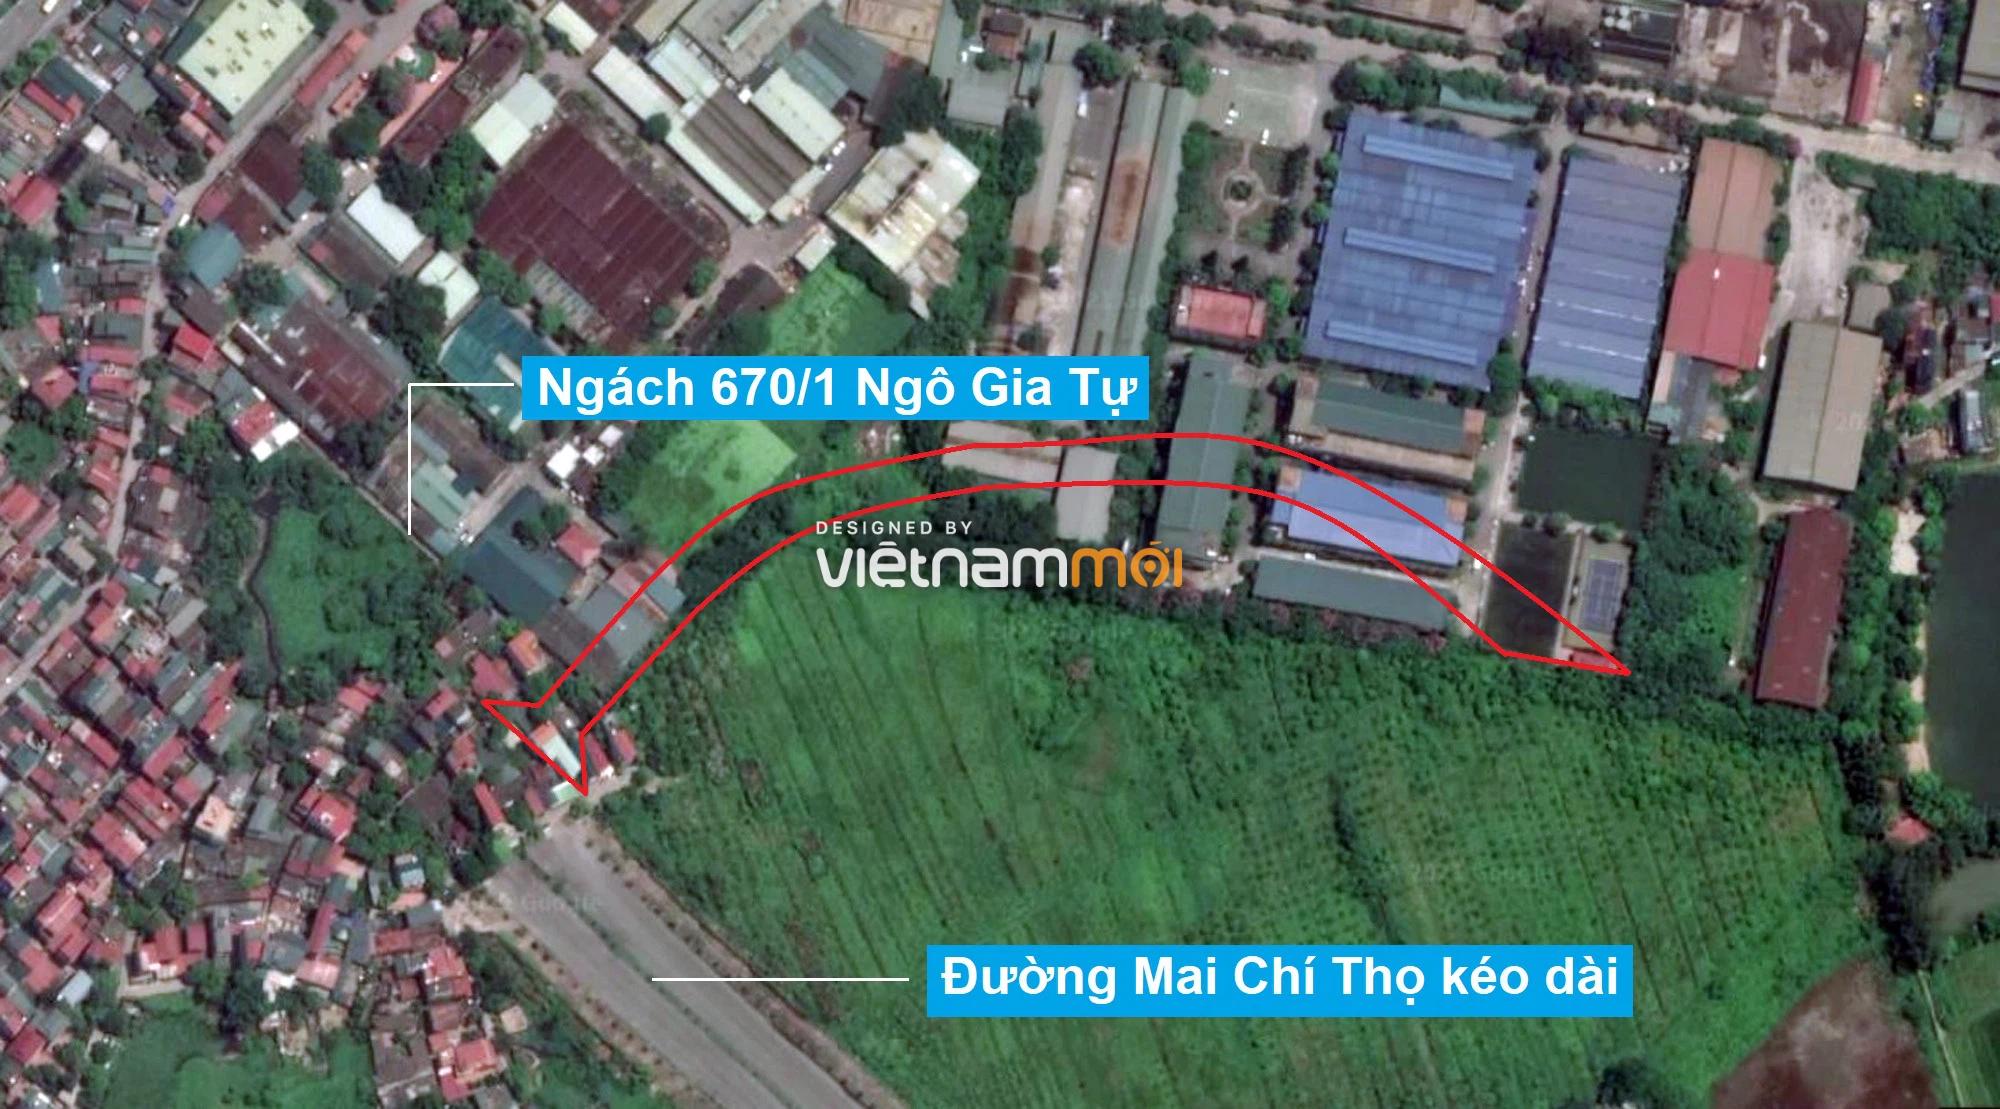 Những khu đất sắp thu hồi để mở đường ở phường Đức Giang, Long Biên, Hà Nội (phần 1) - Ảnh 9.